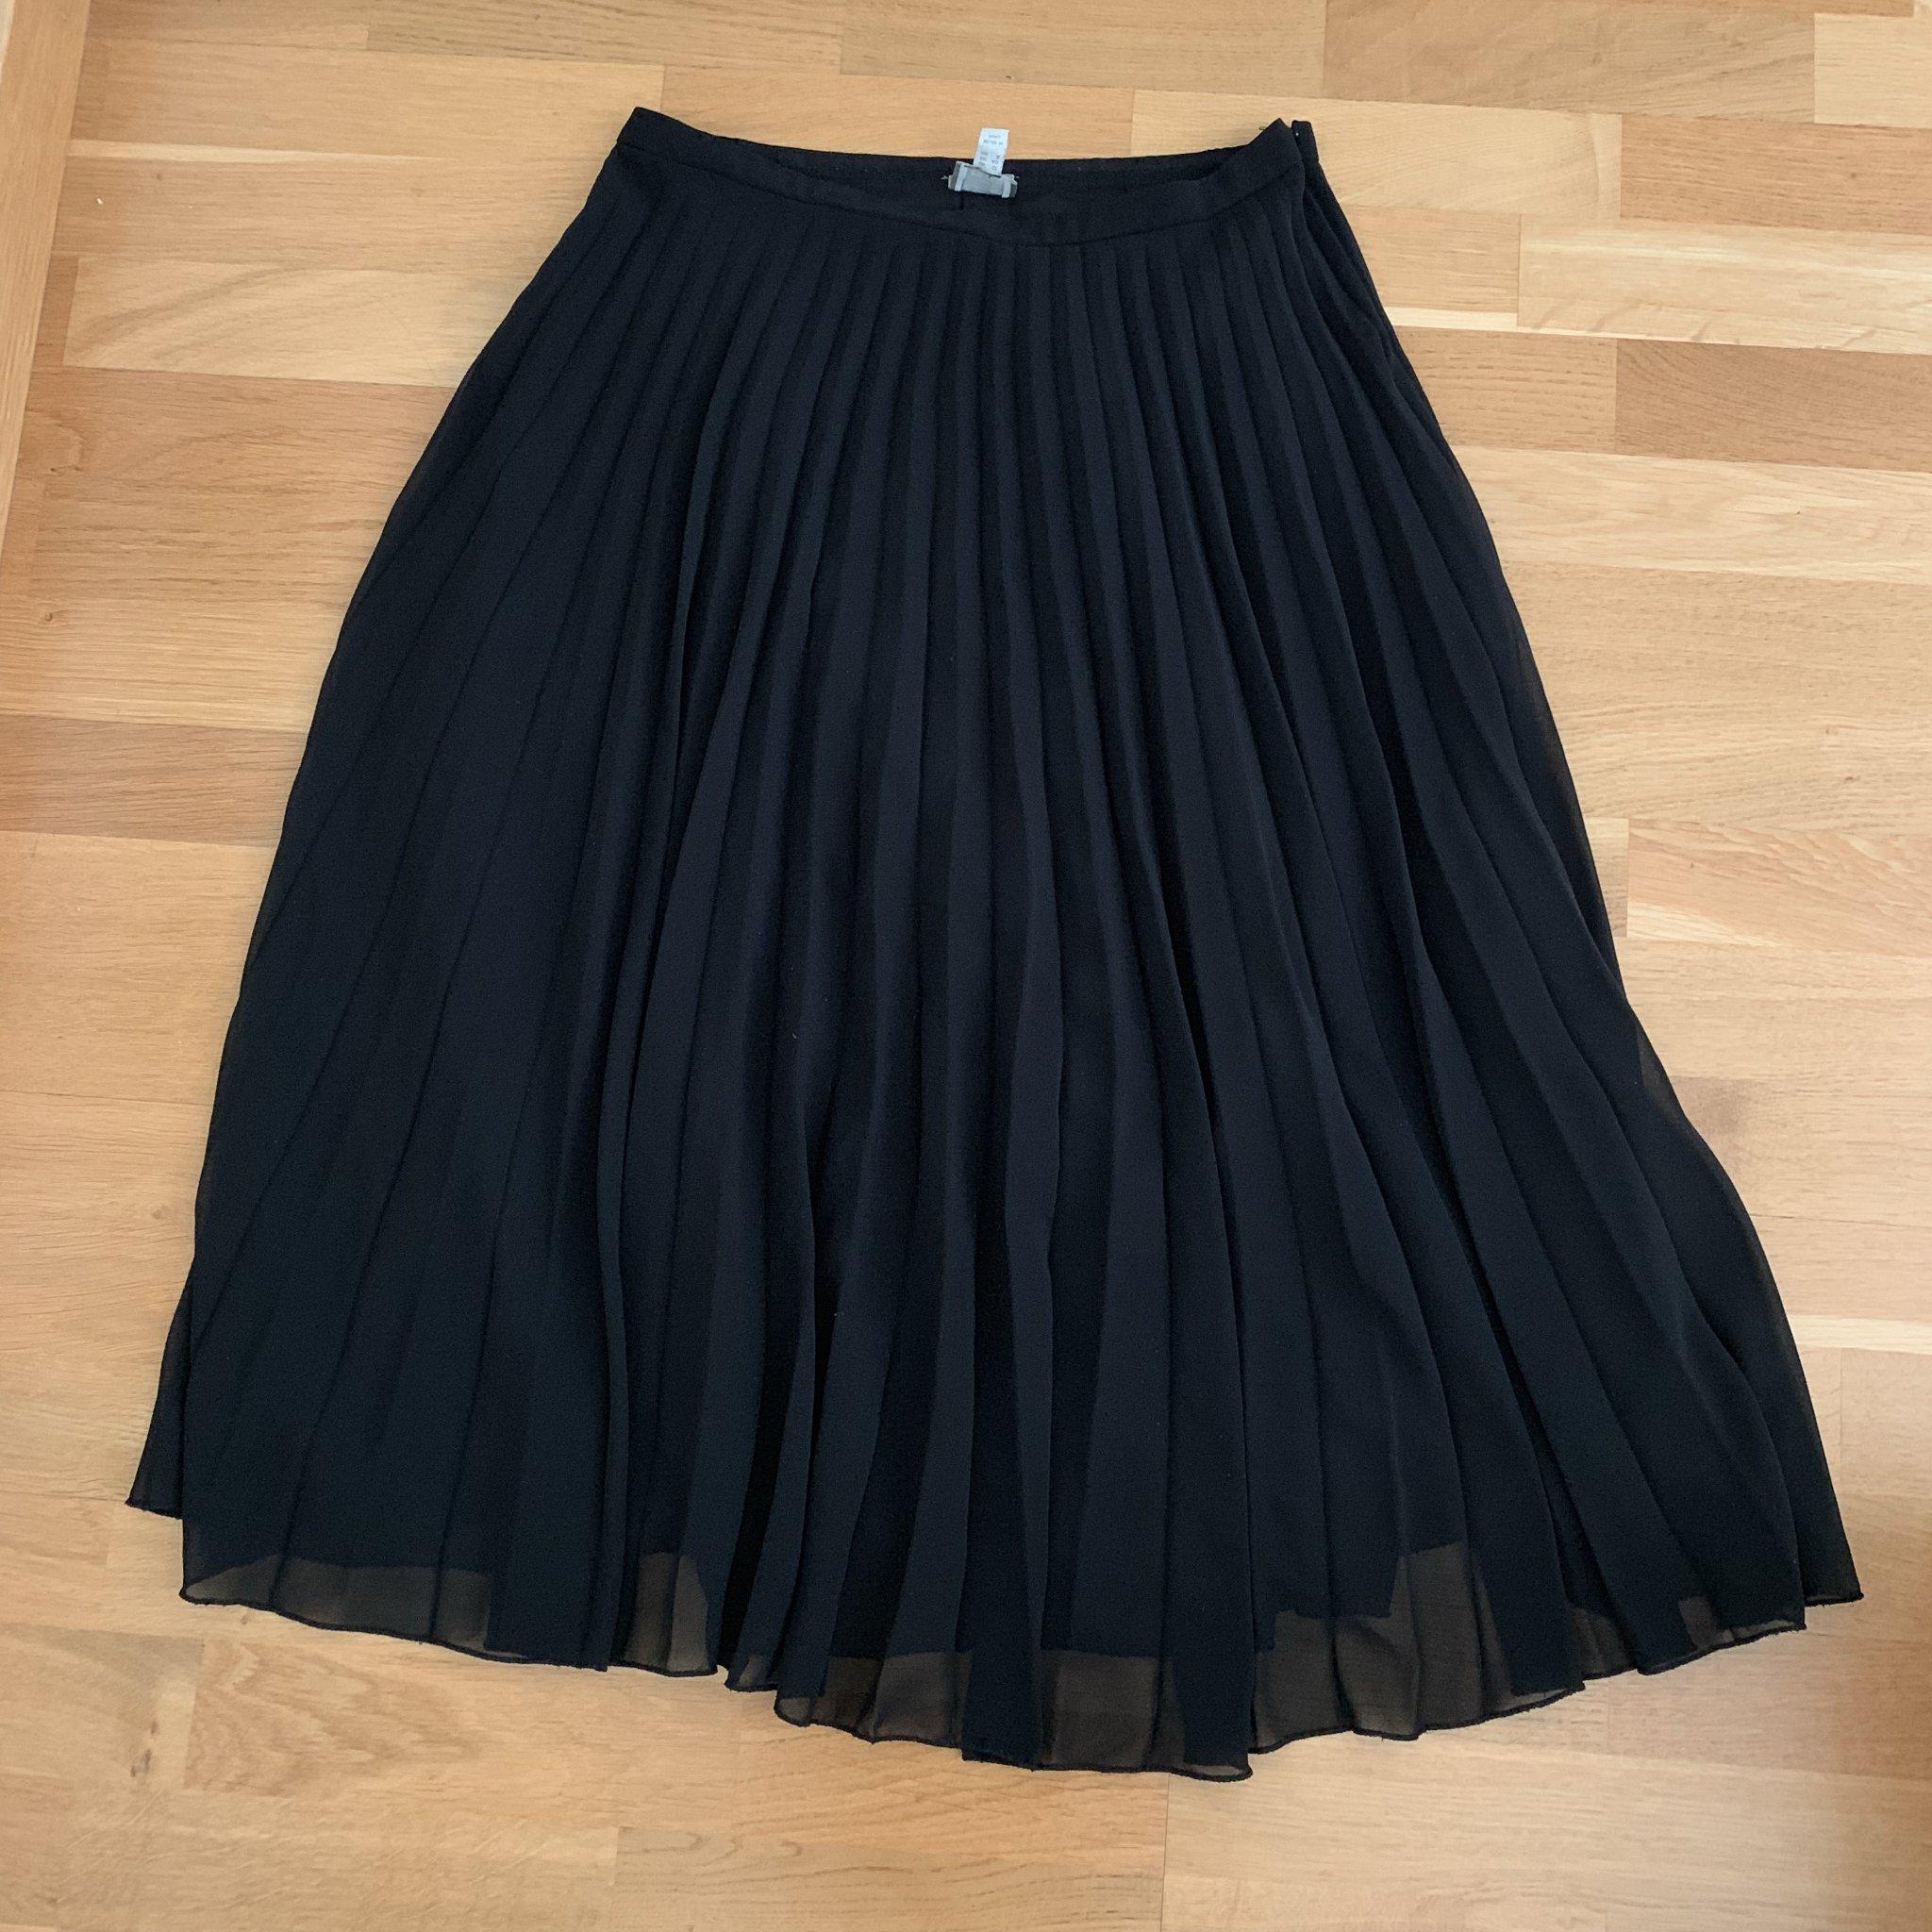 d675fbc819a8 Svart plisserad kjol från ASOS (352947242) ᐈ Köp på Tradera